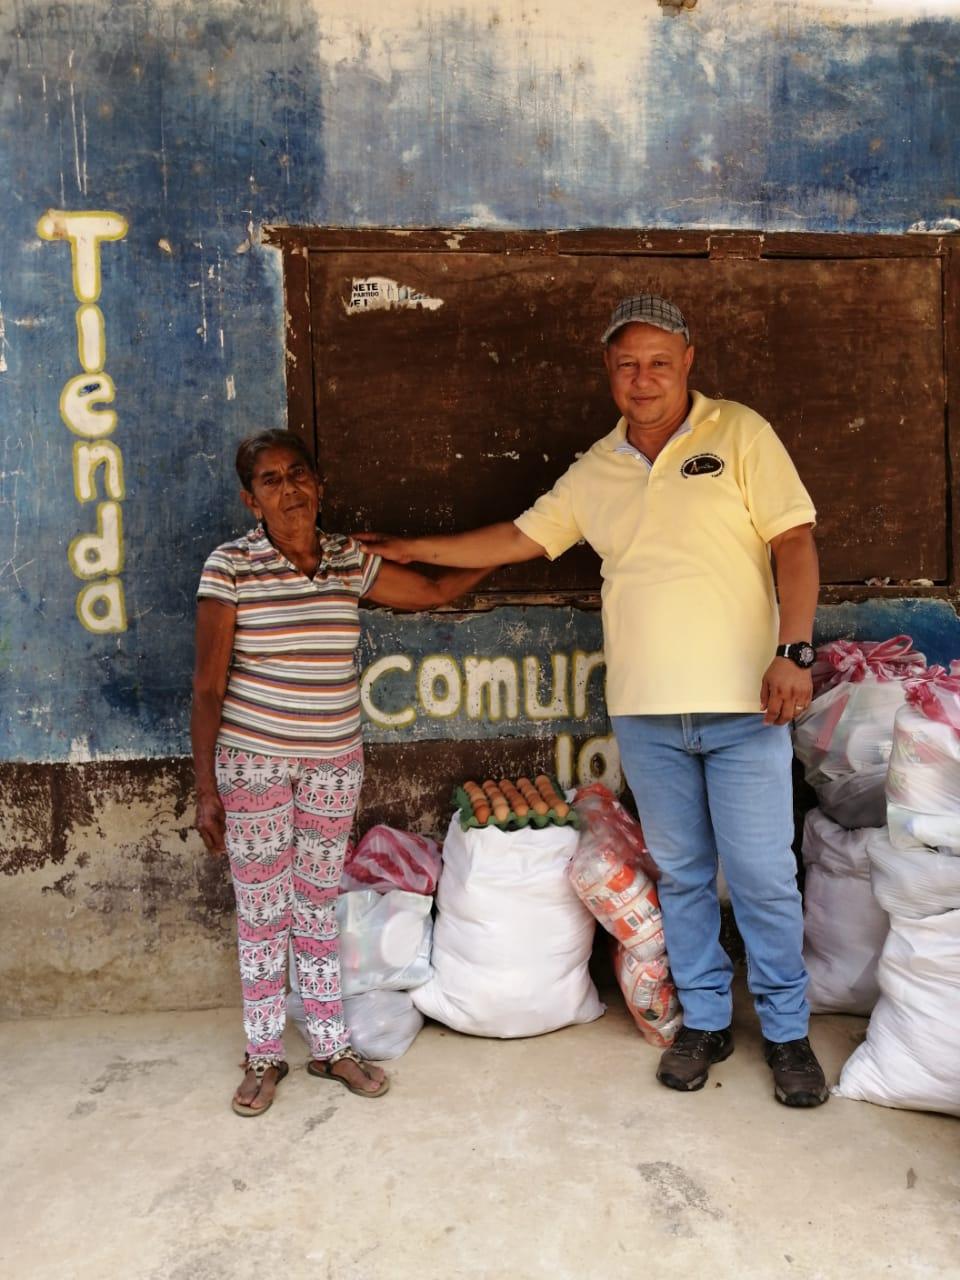 Agrosec durante el aislamiento obligatorio decretado por el Gobierno a causa del covid-19, ha destinado recursos para la compra de 81 mercados que han favorecido a igual número de familias que habitan en la Sierra.